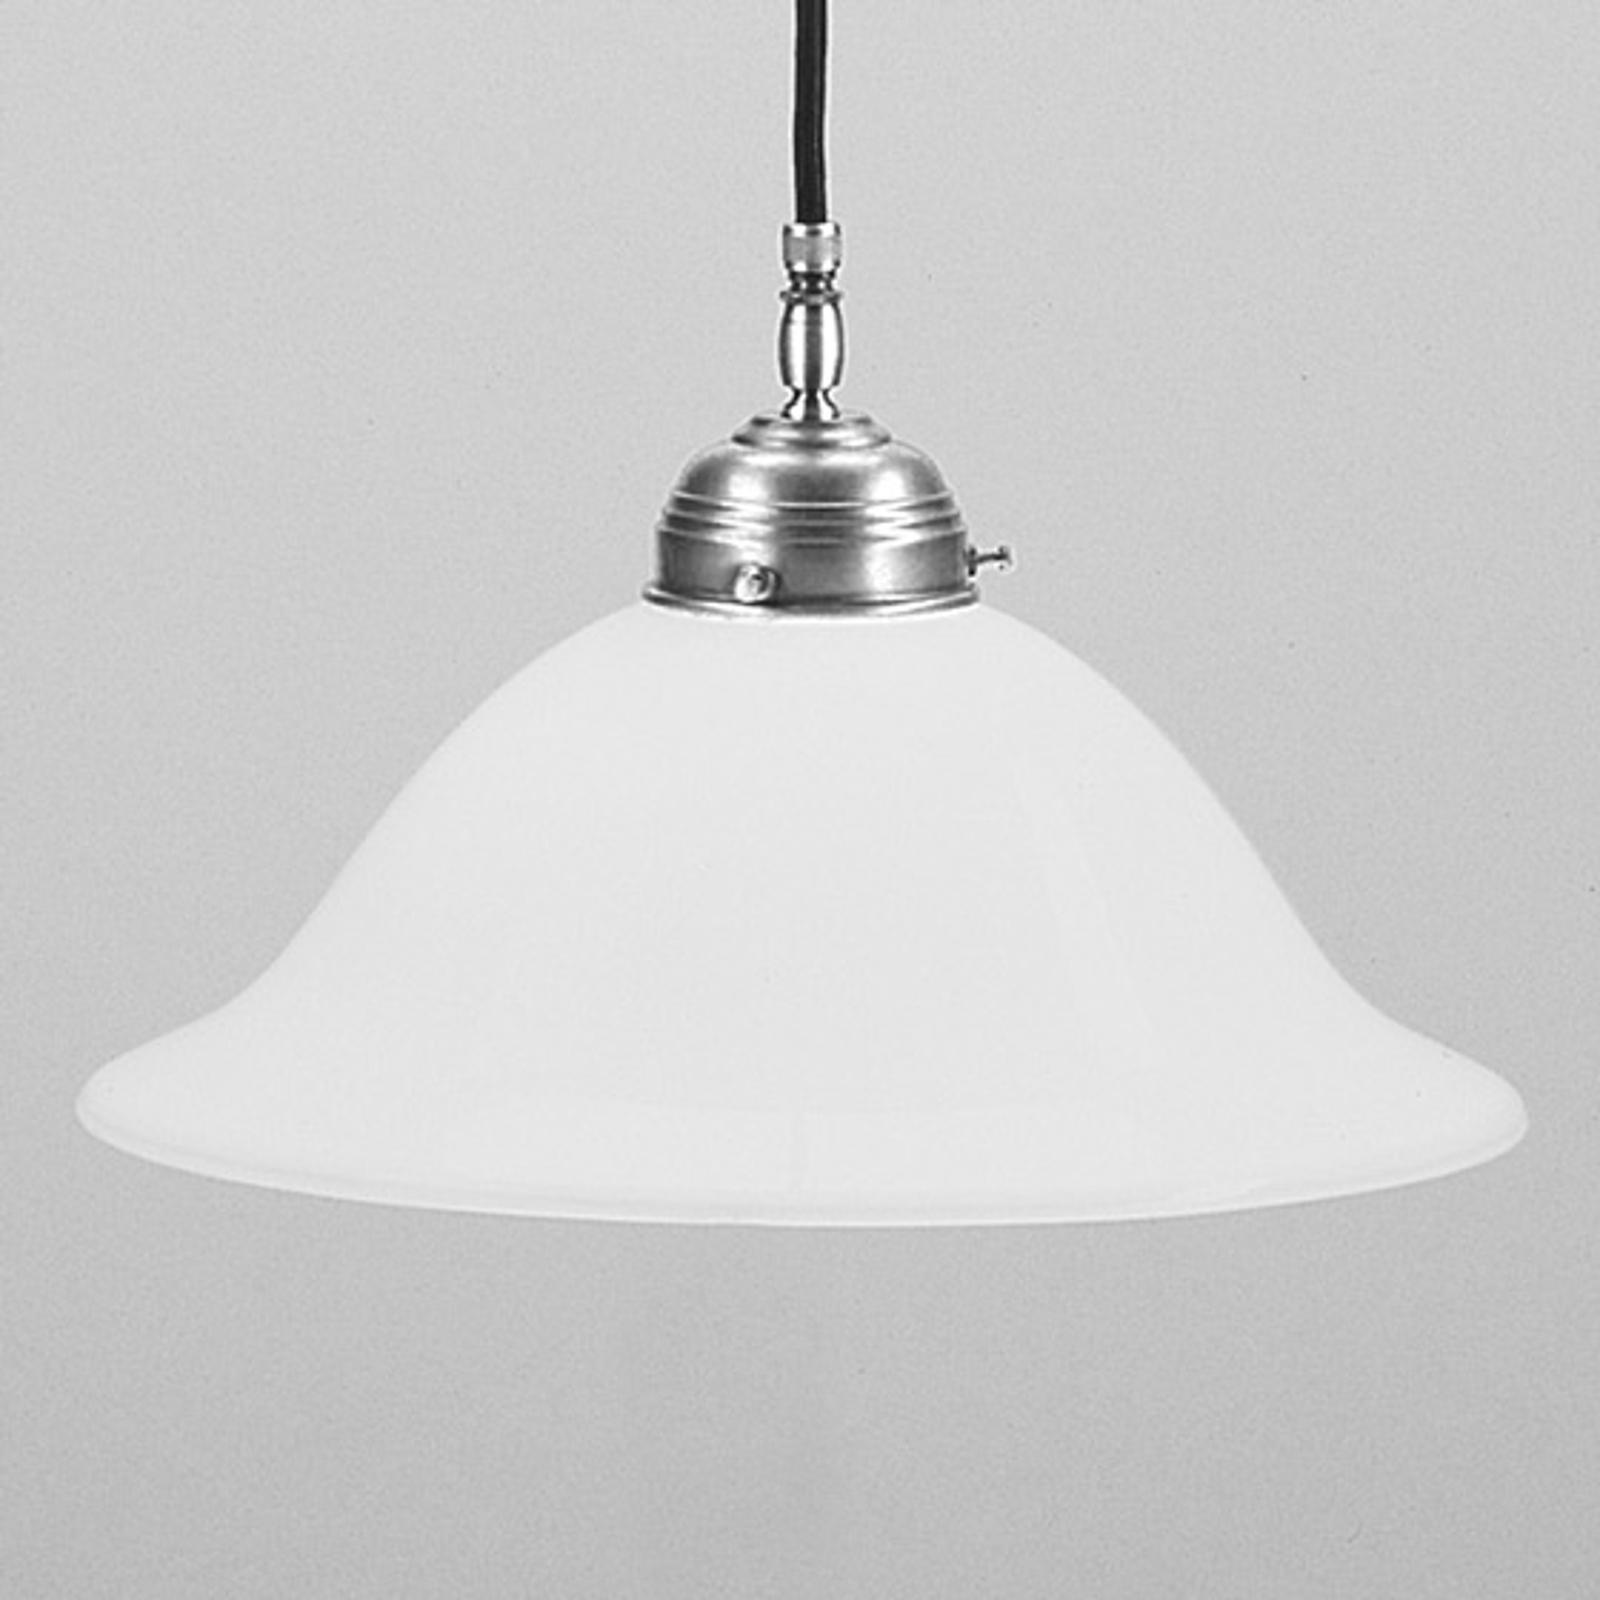 Anja hanging light matt nickel_1542146_1